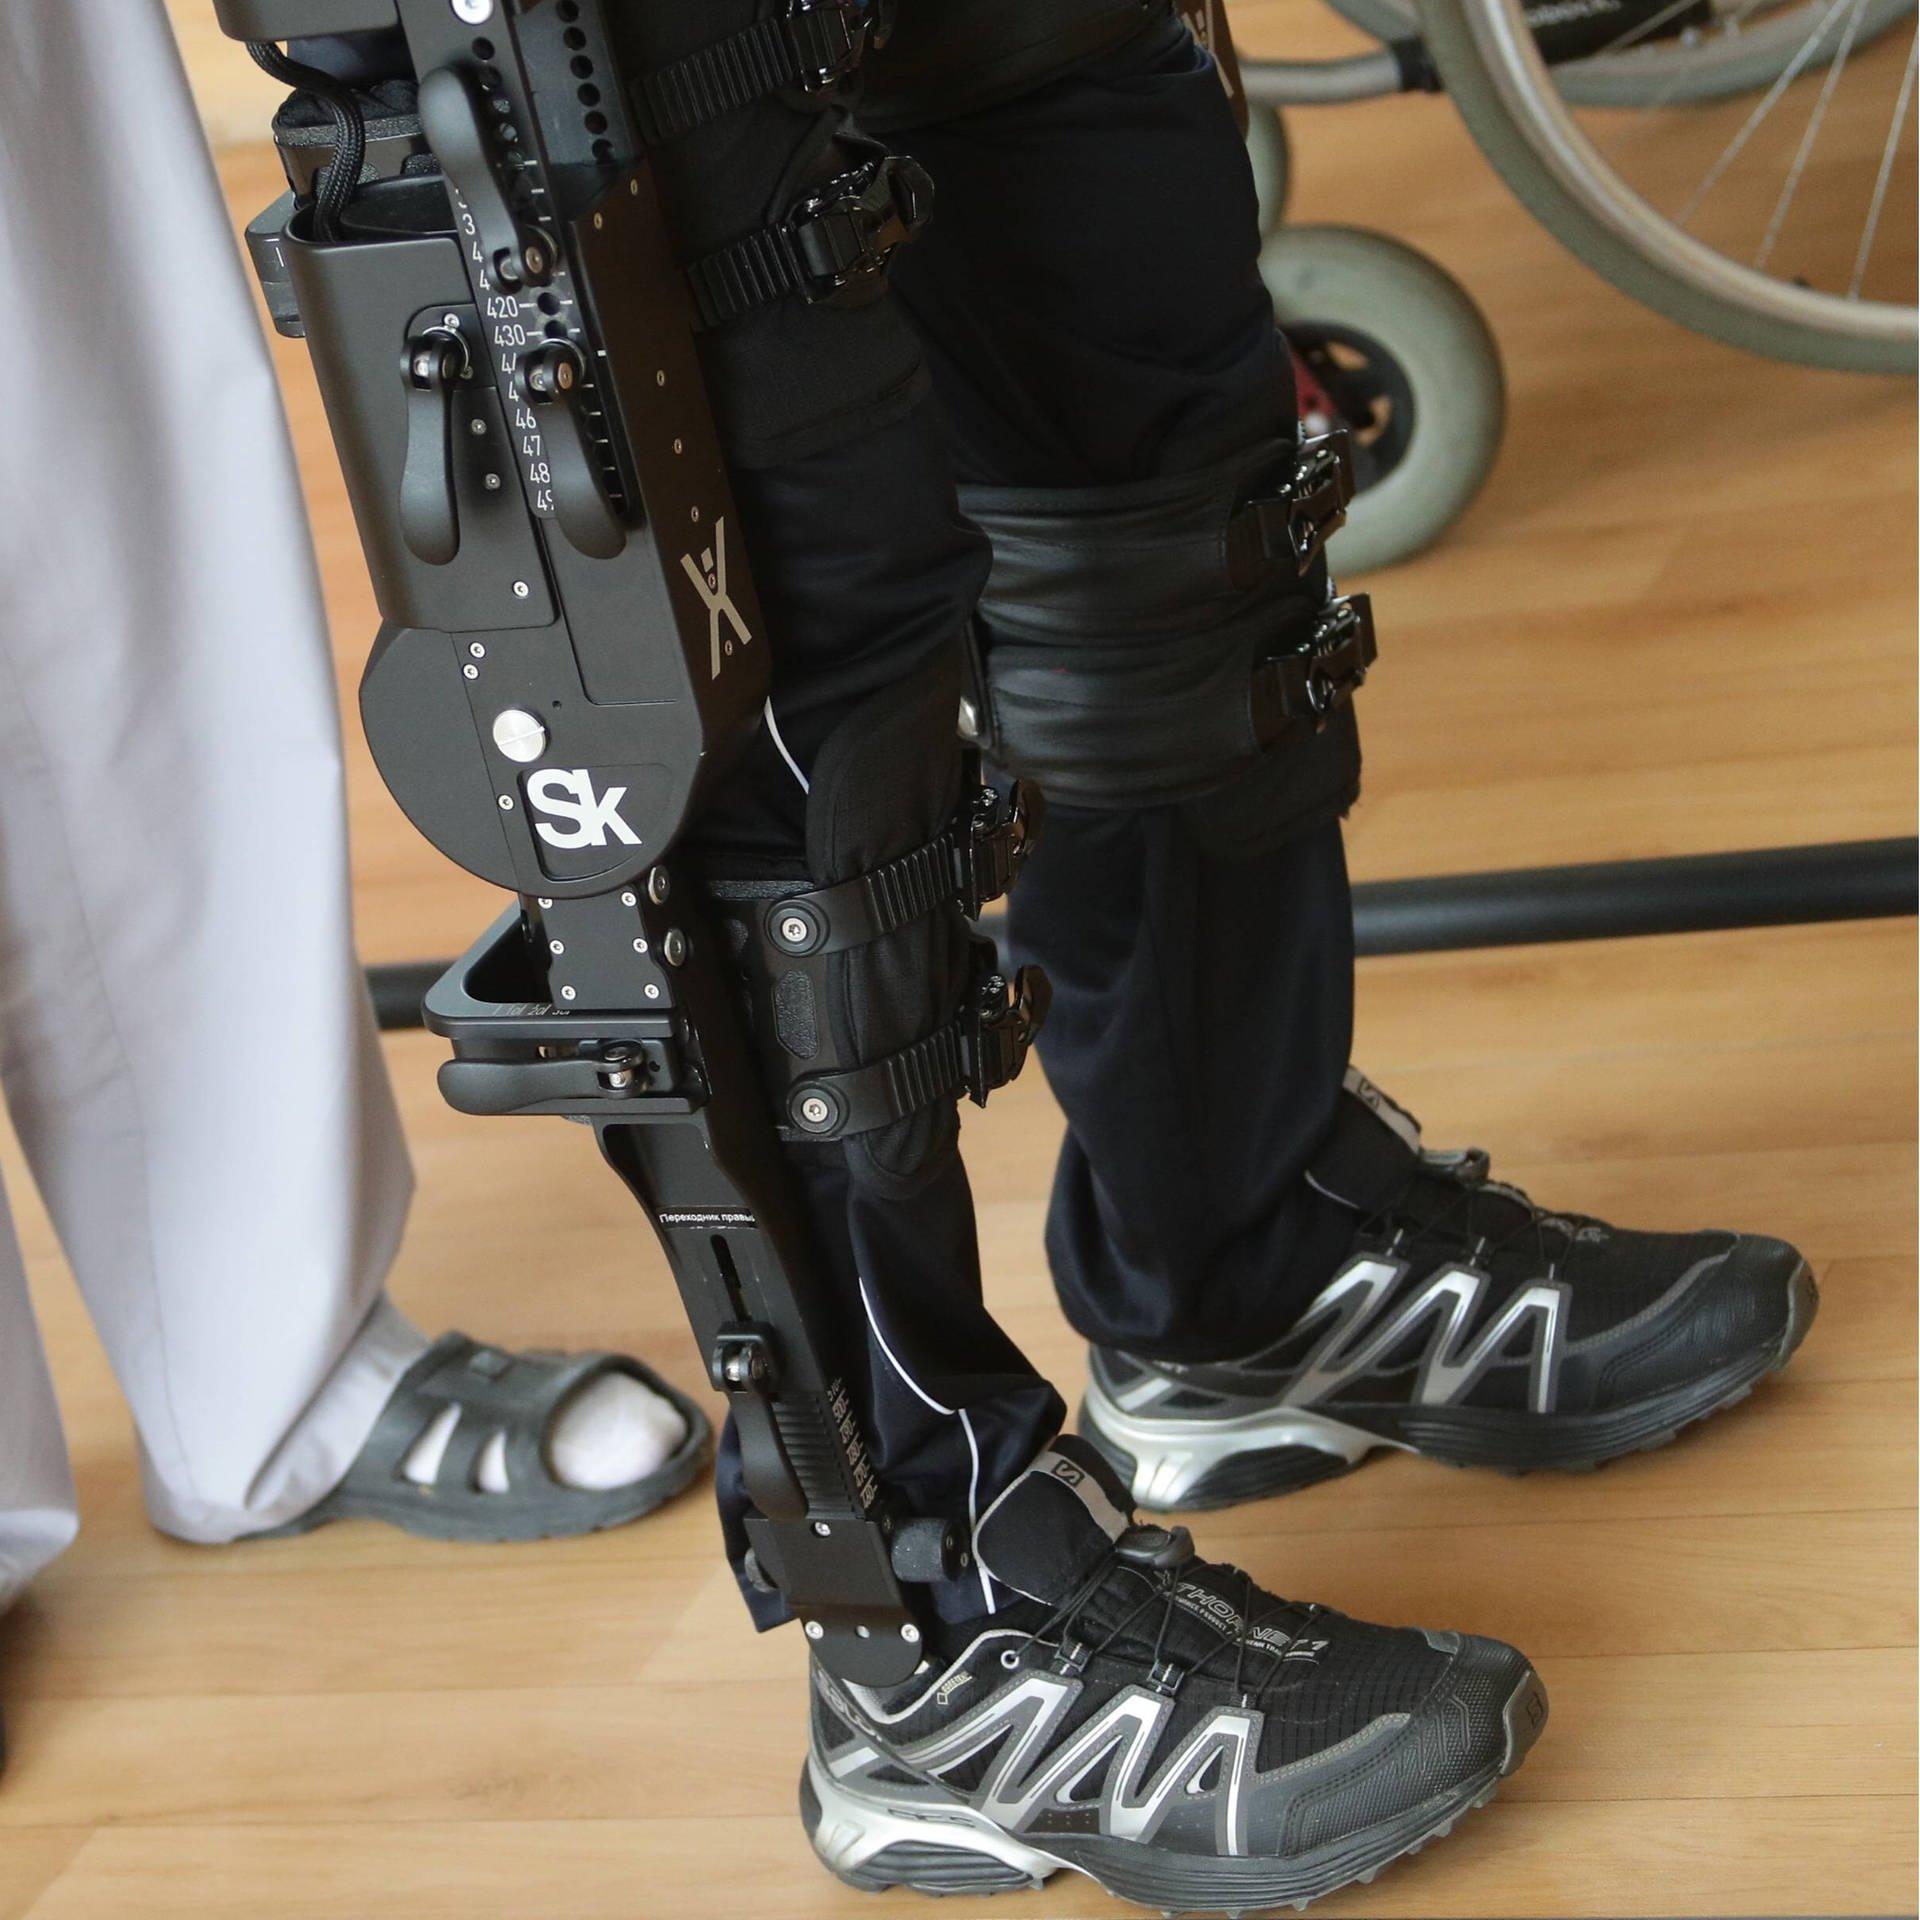 Die Aufrüstung des Körpers – Mensch, Maschine und Moral